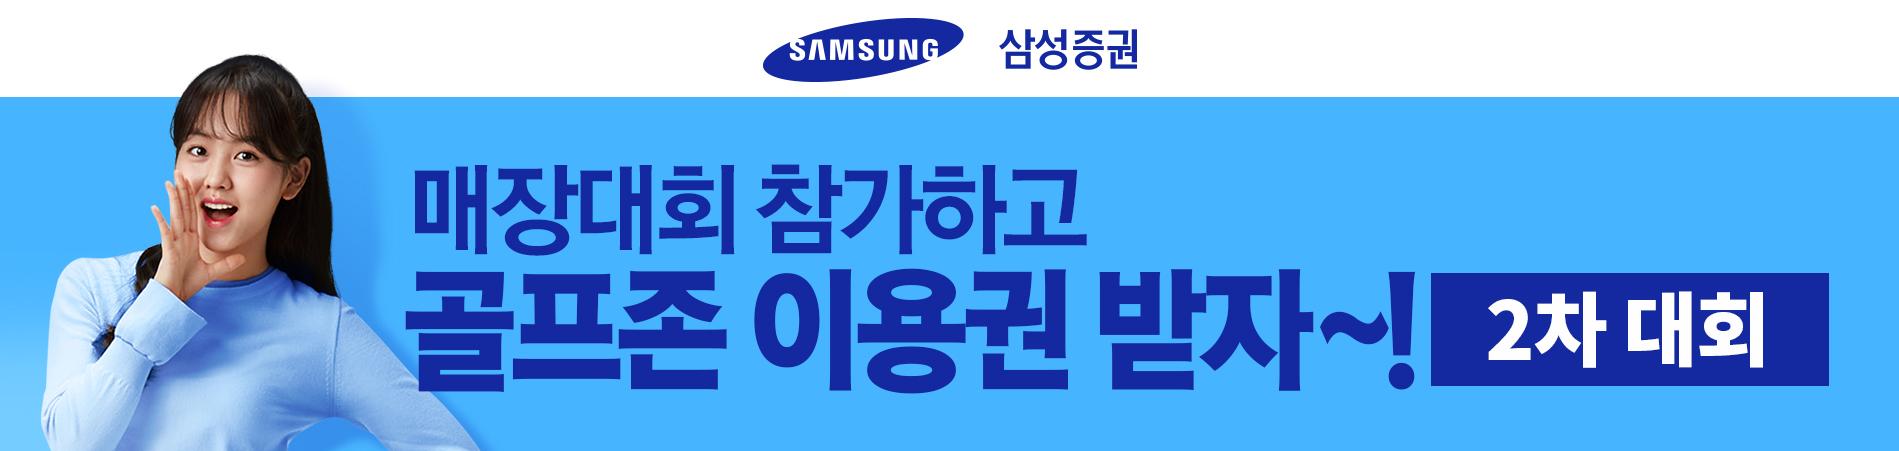 매장대회참가자 삼성증권계좌 개설신청